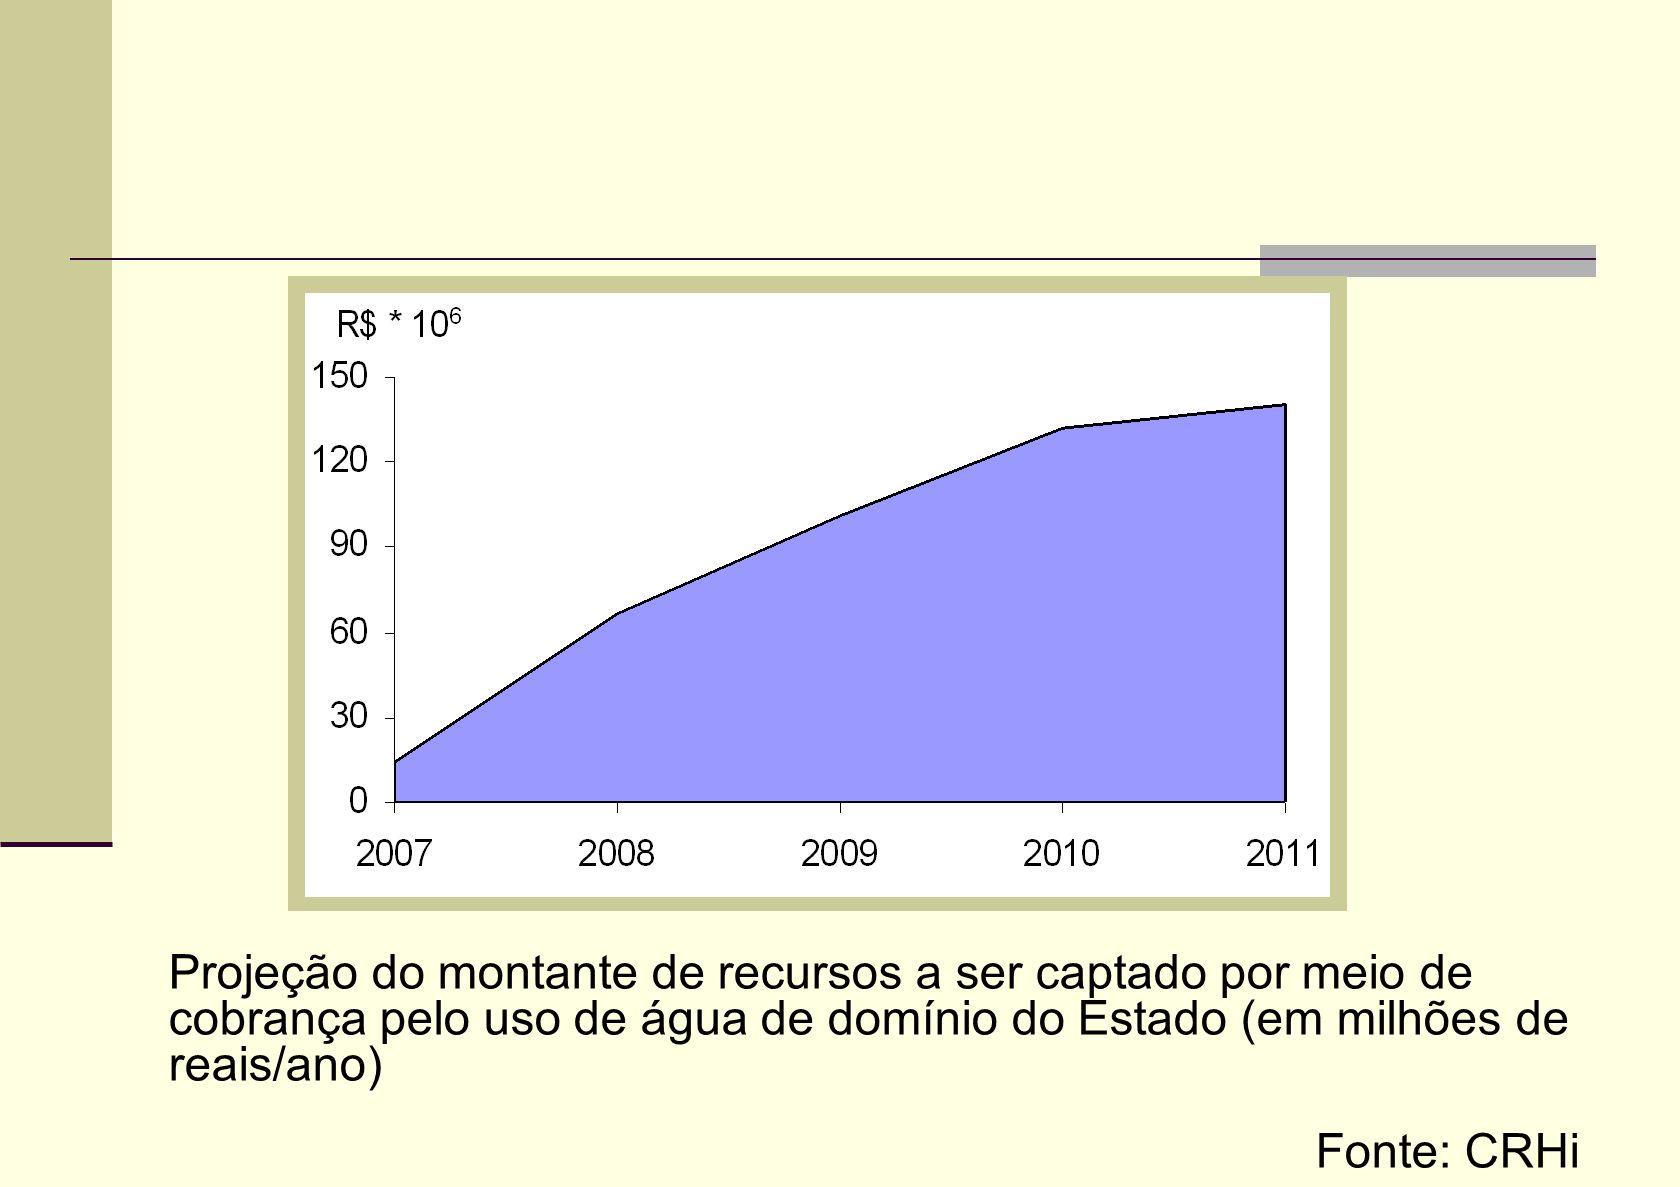 Projeção do montante de recursos a ser captado por meio de cobrança pelo uso de água de domínio do Estado (em milhões de reais/ano)